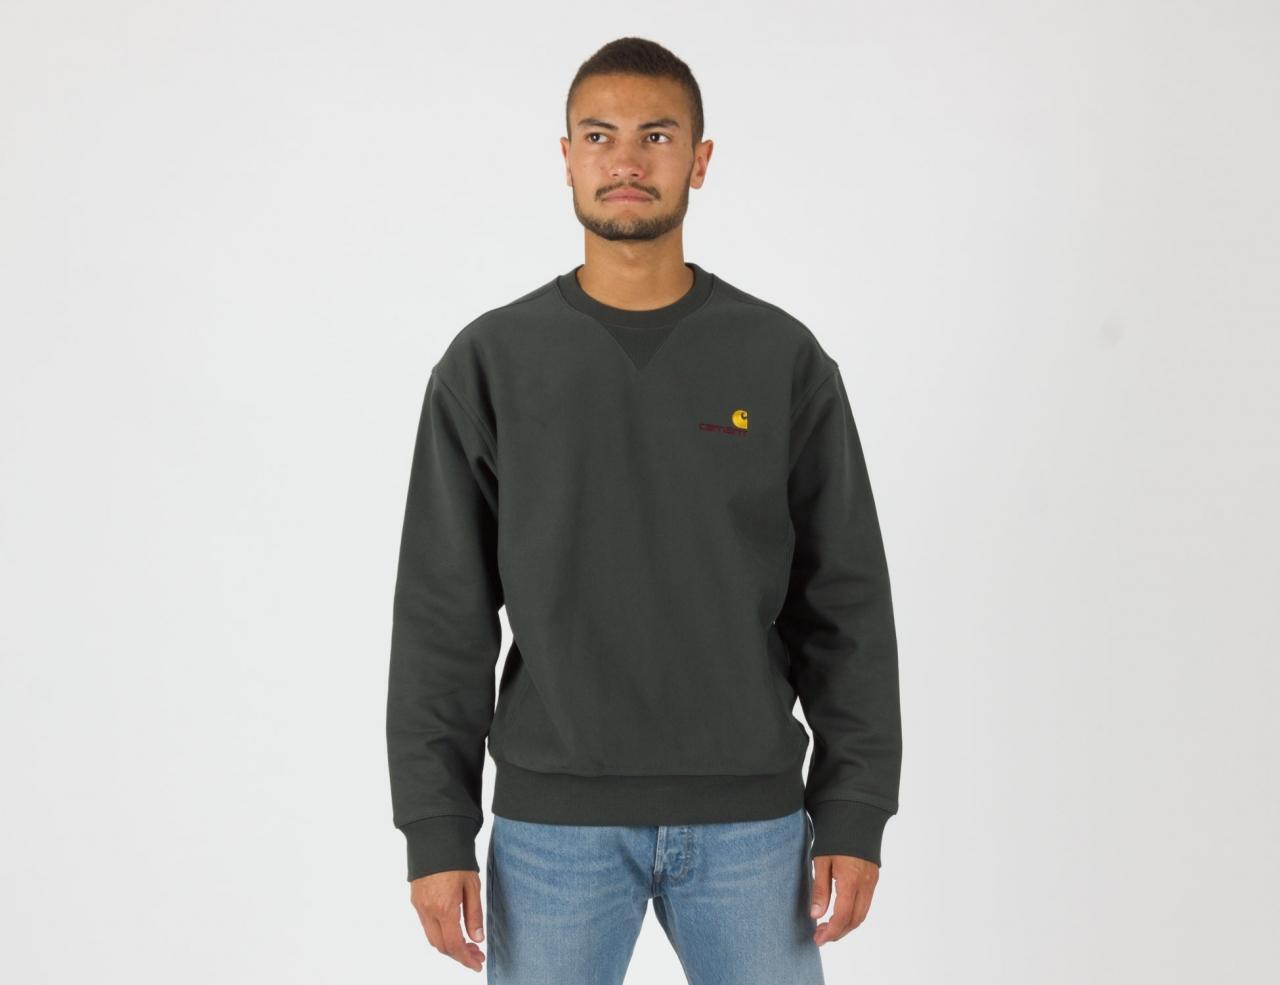 Carhartt WIP American Script Sweatshirt - Dark Teal